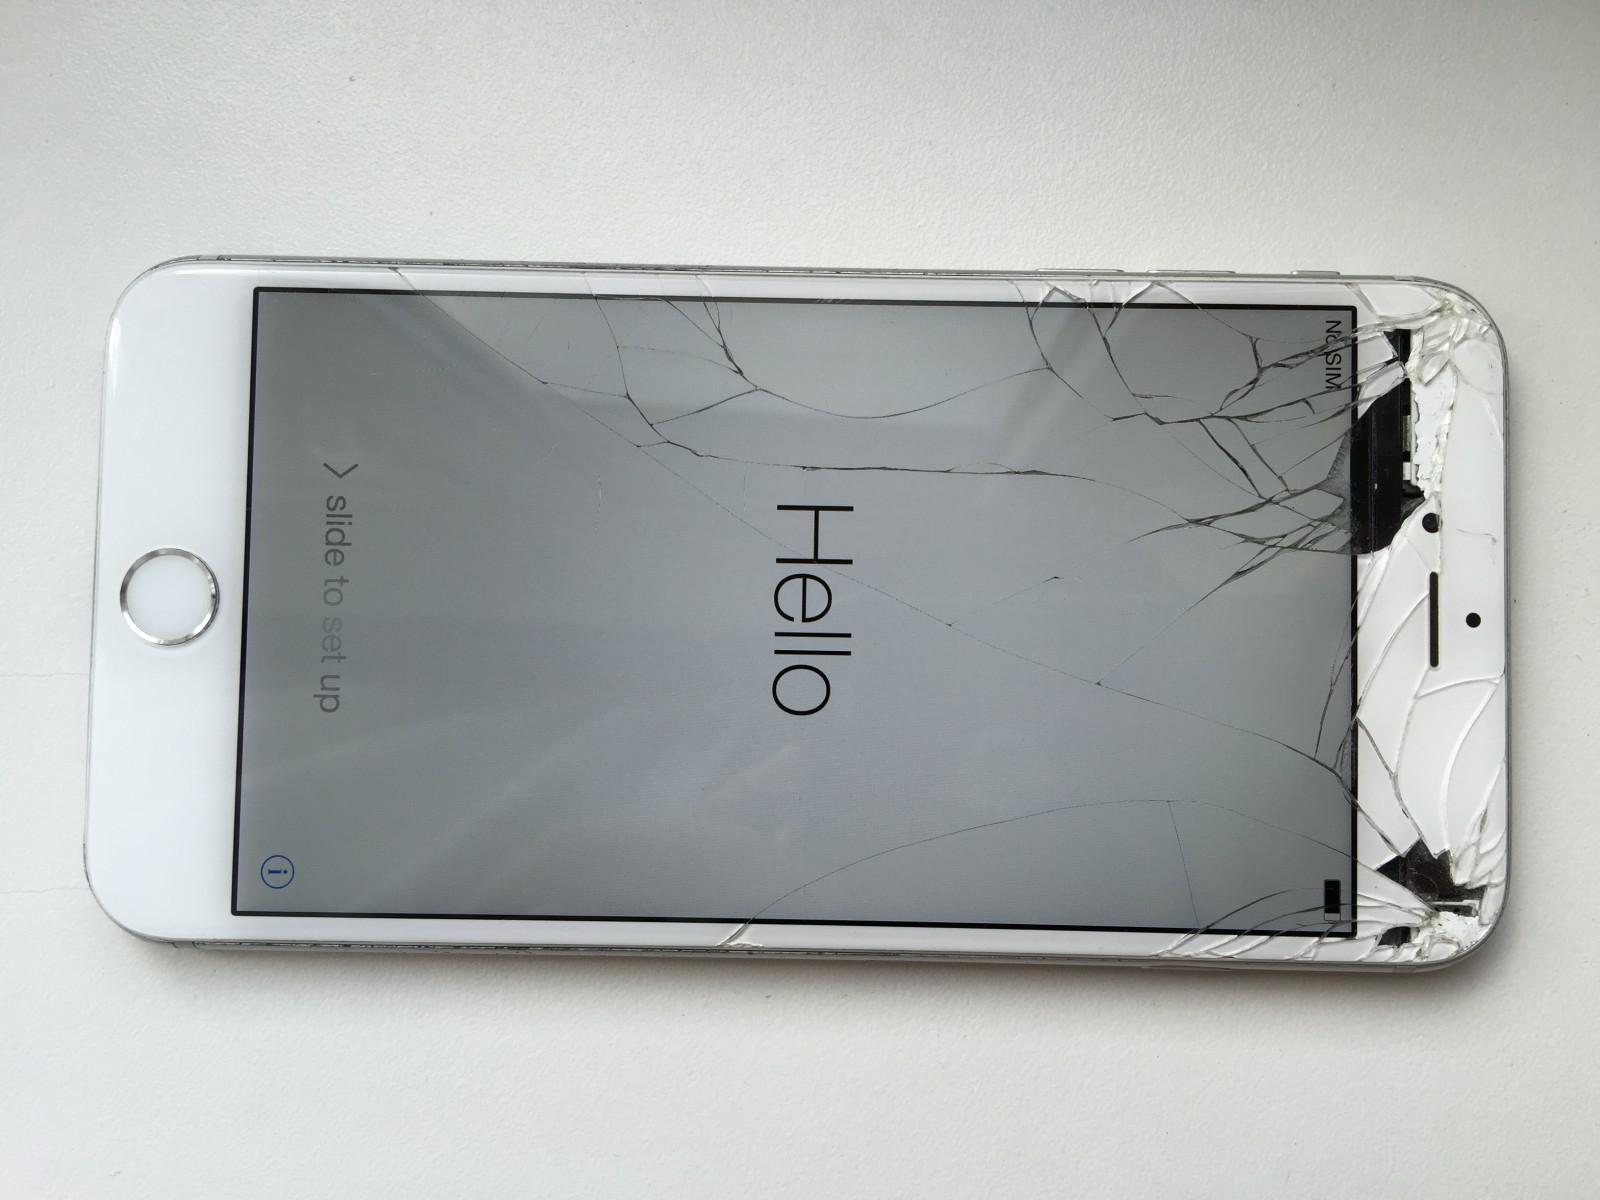 ремонт стекла айфона 6 цена